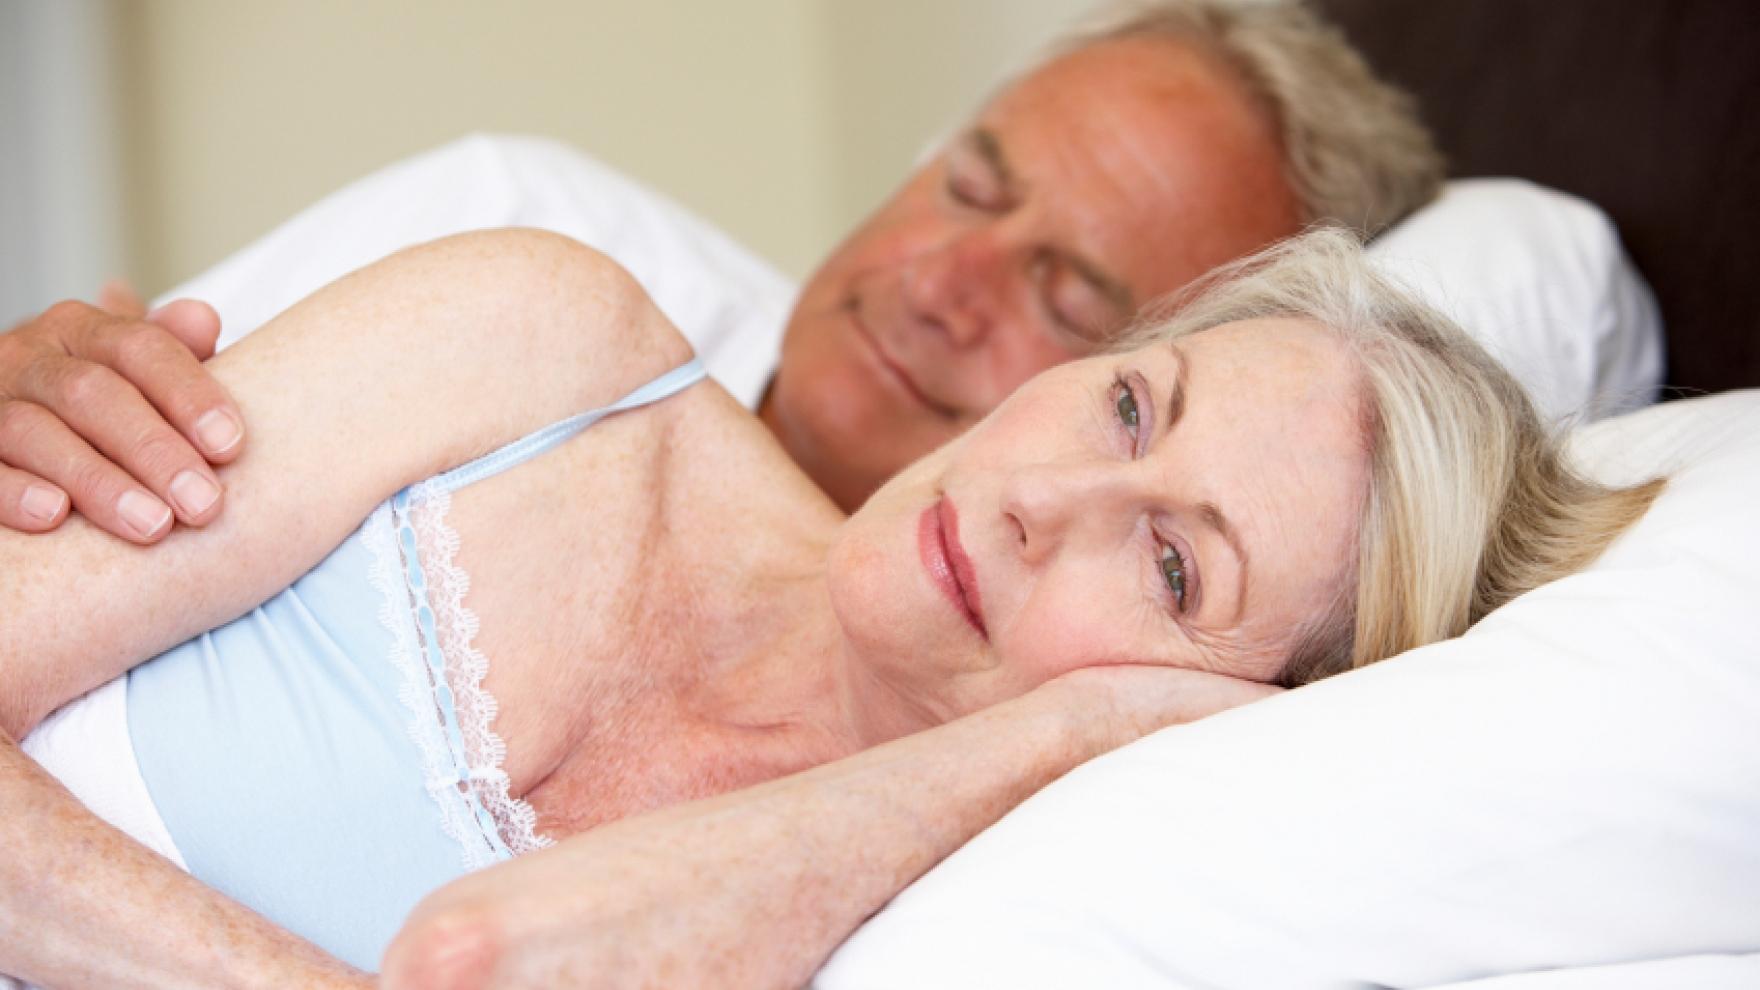 пришлось приложить что любят зрелые женщины в постели новый видеочат